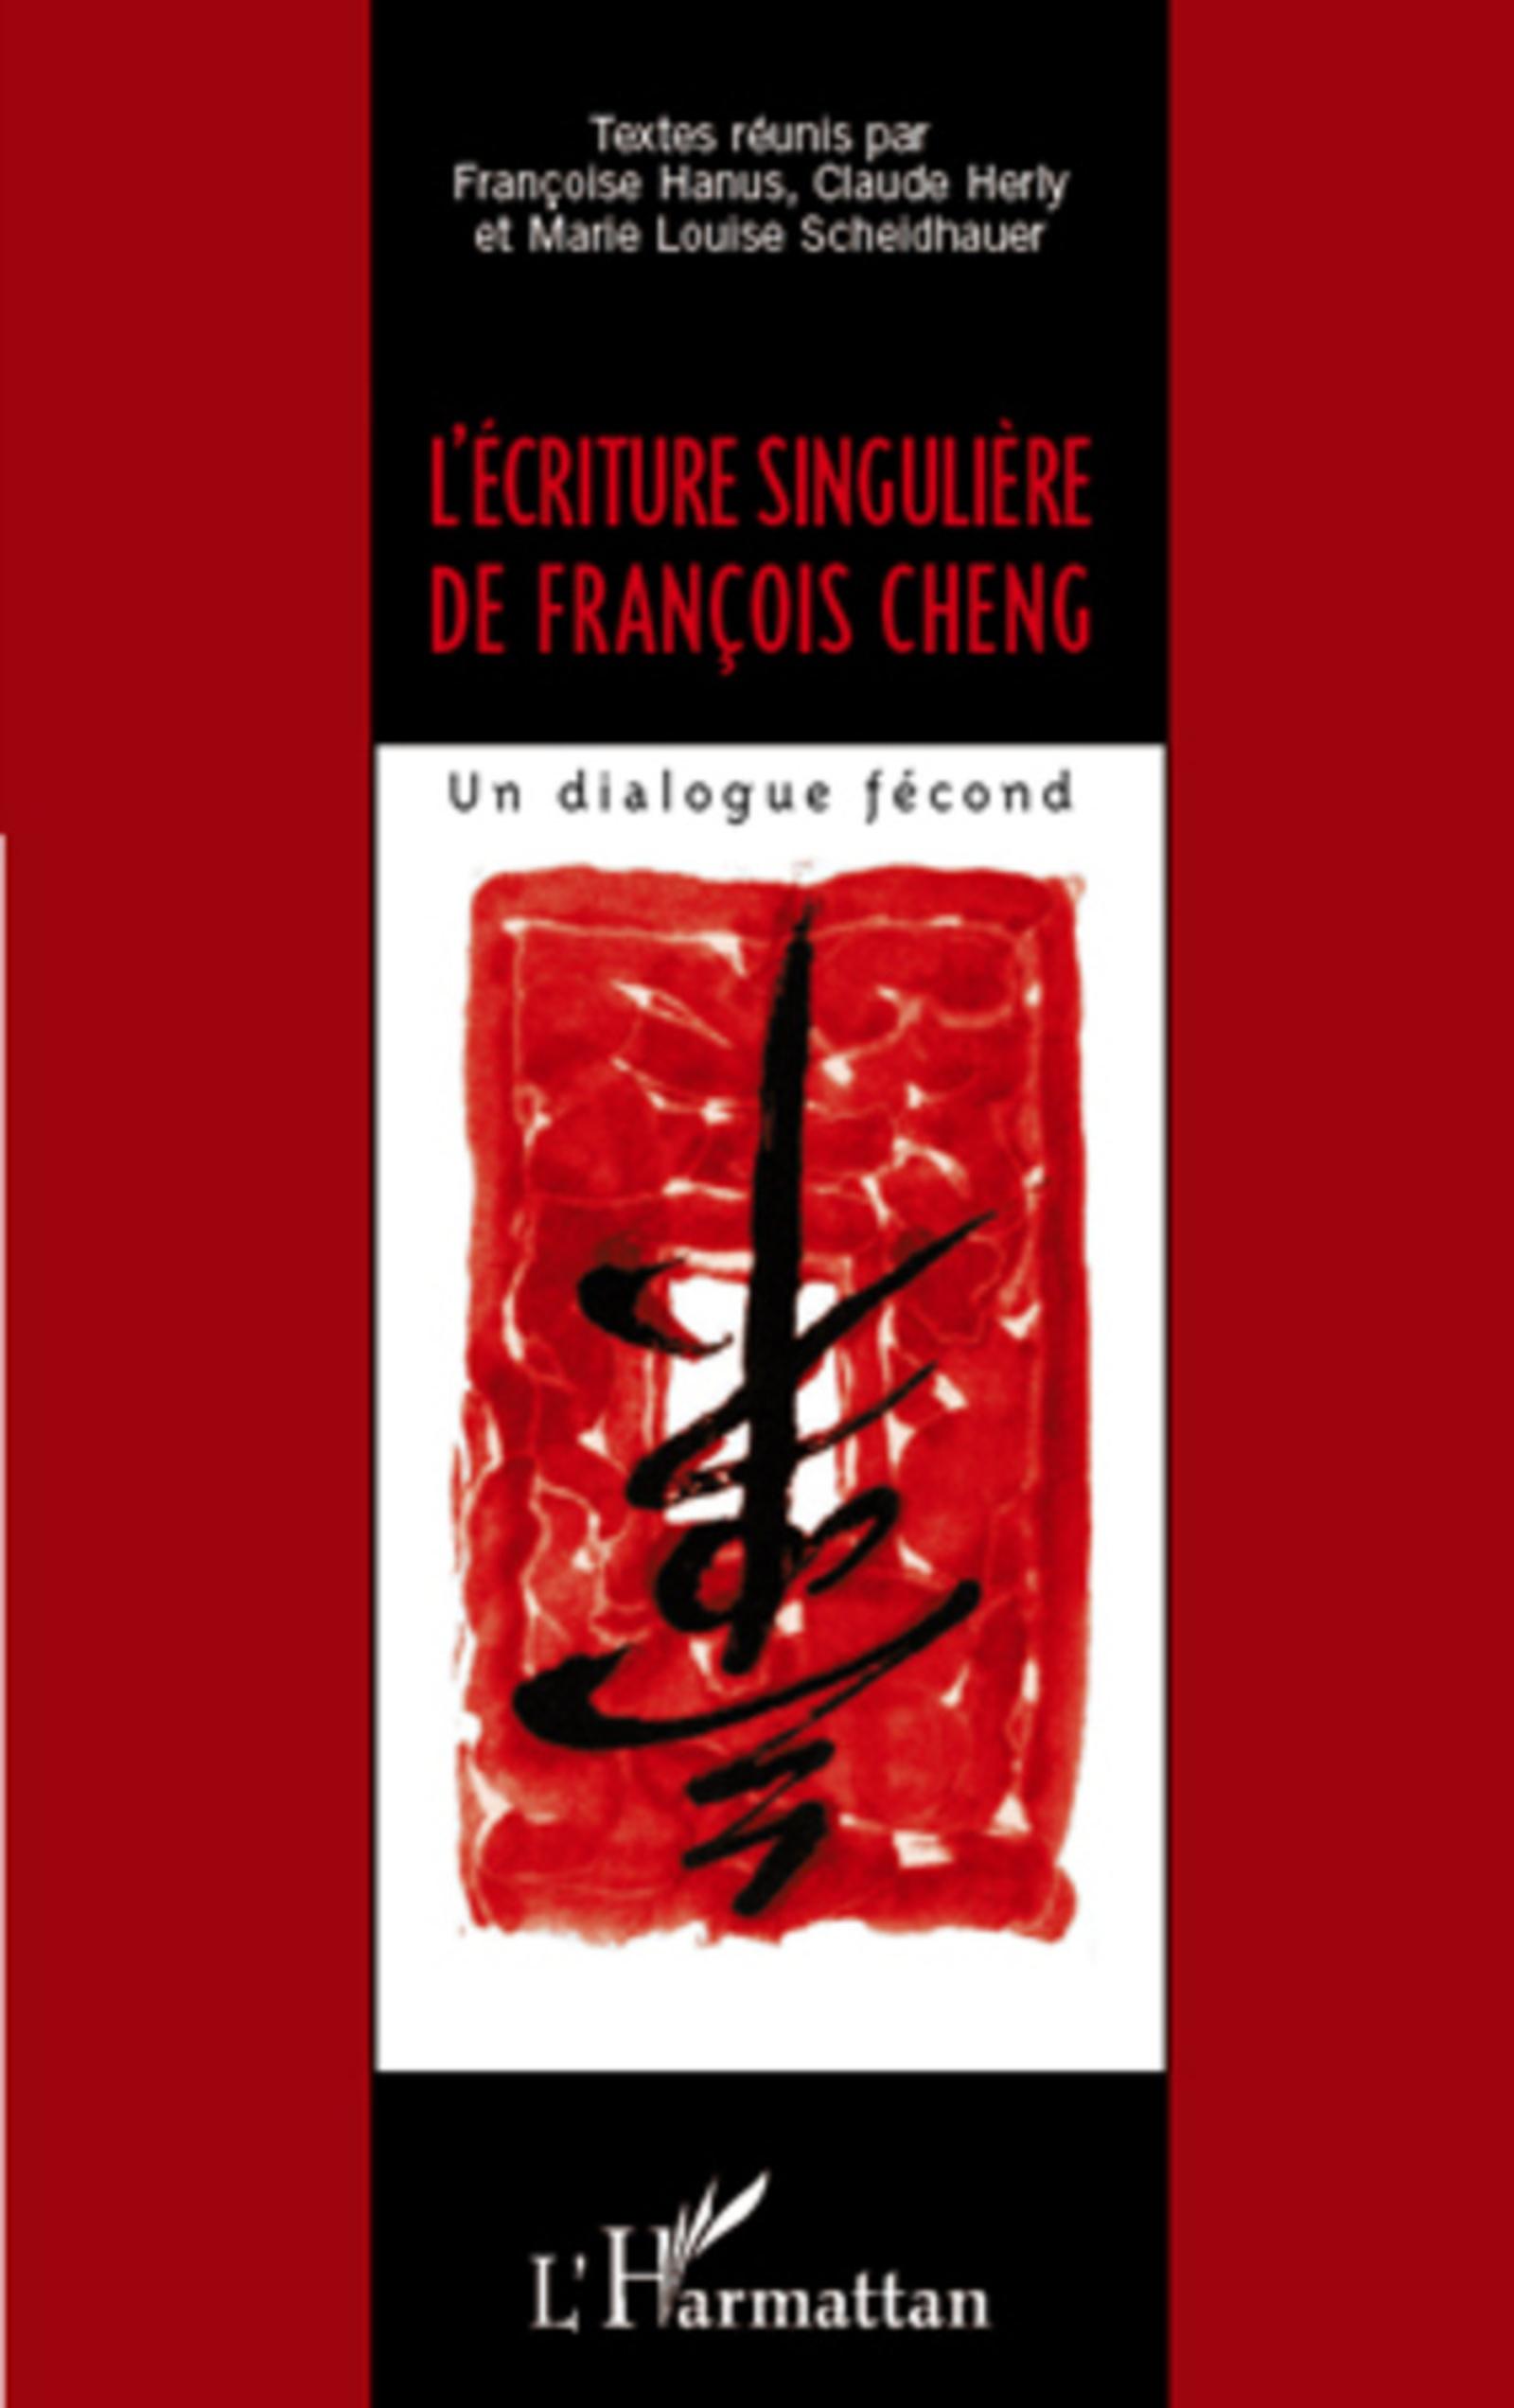 L'écriture singulière de François Cheng